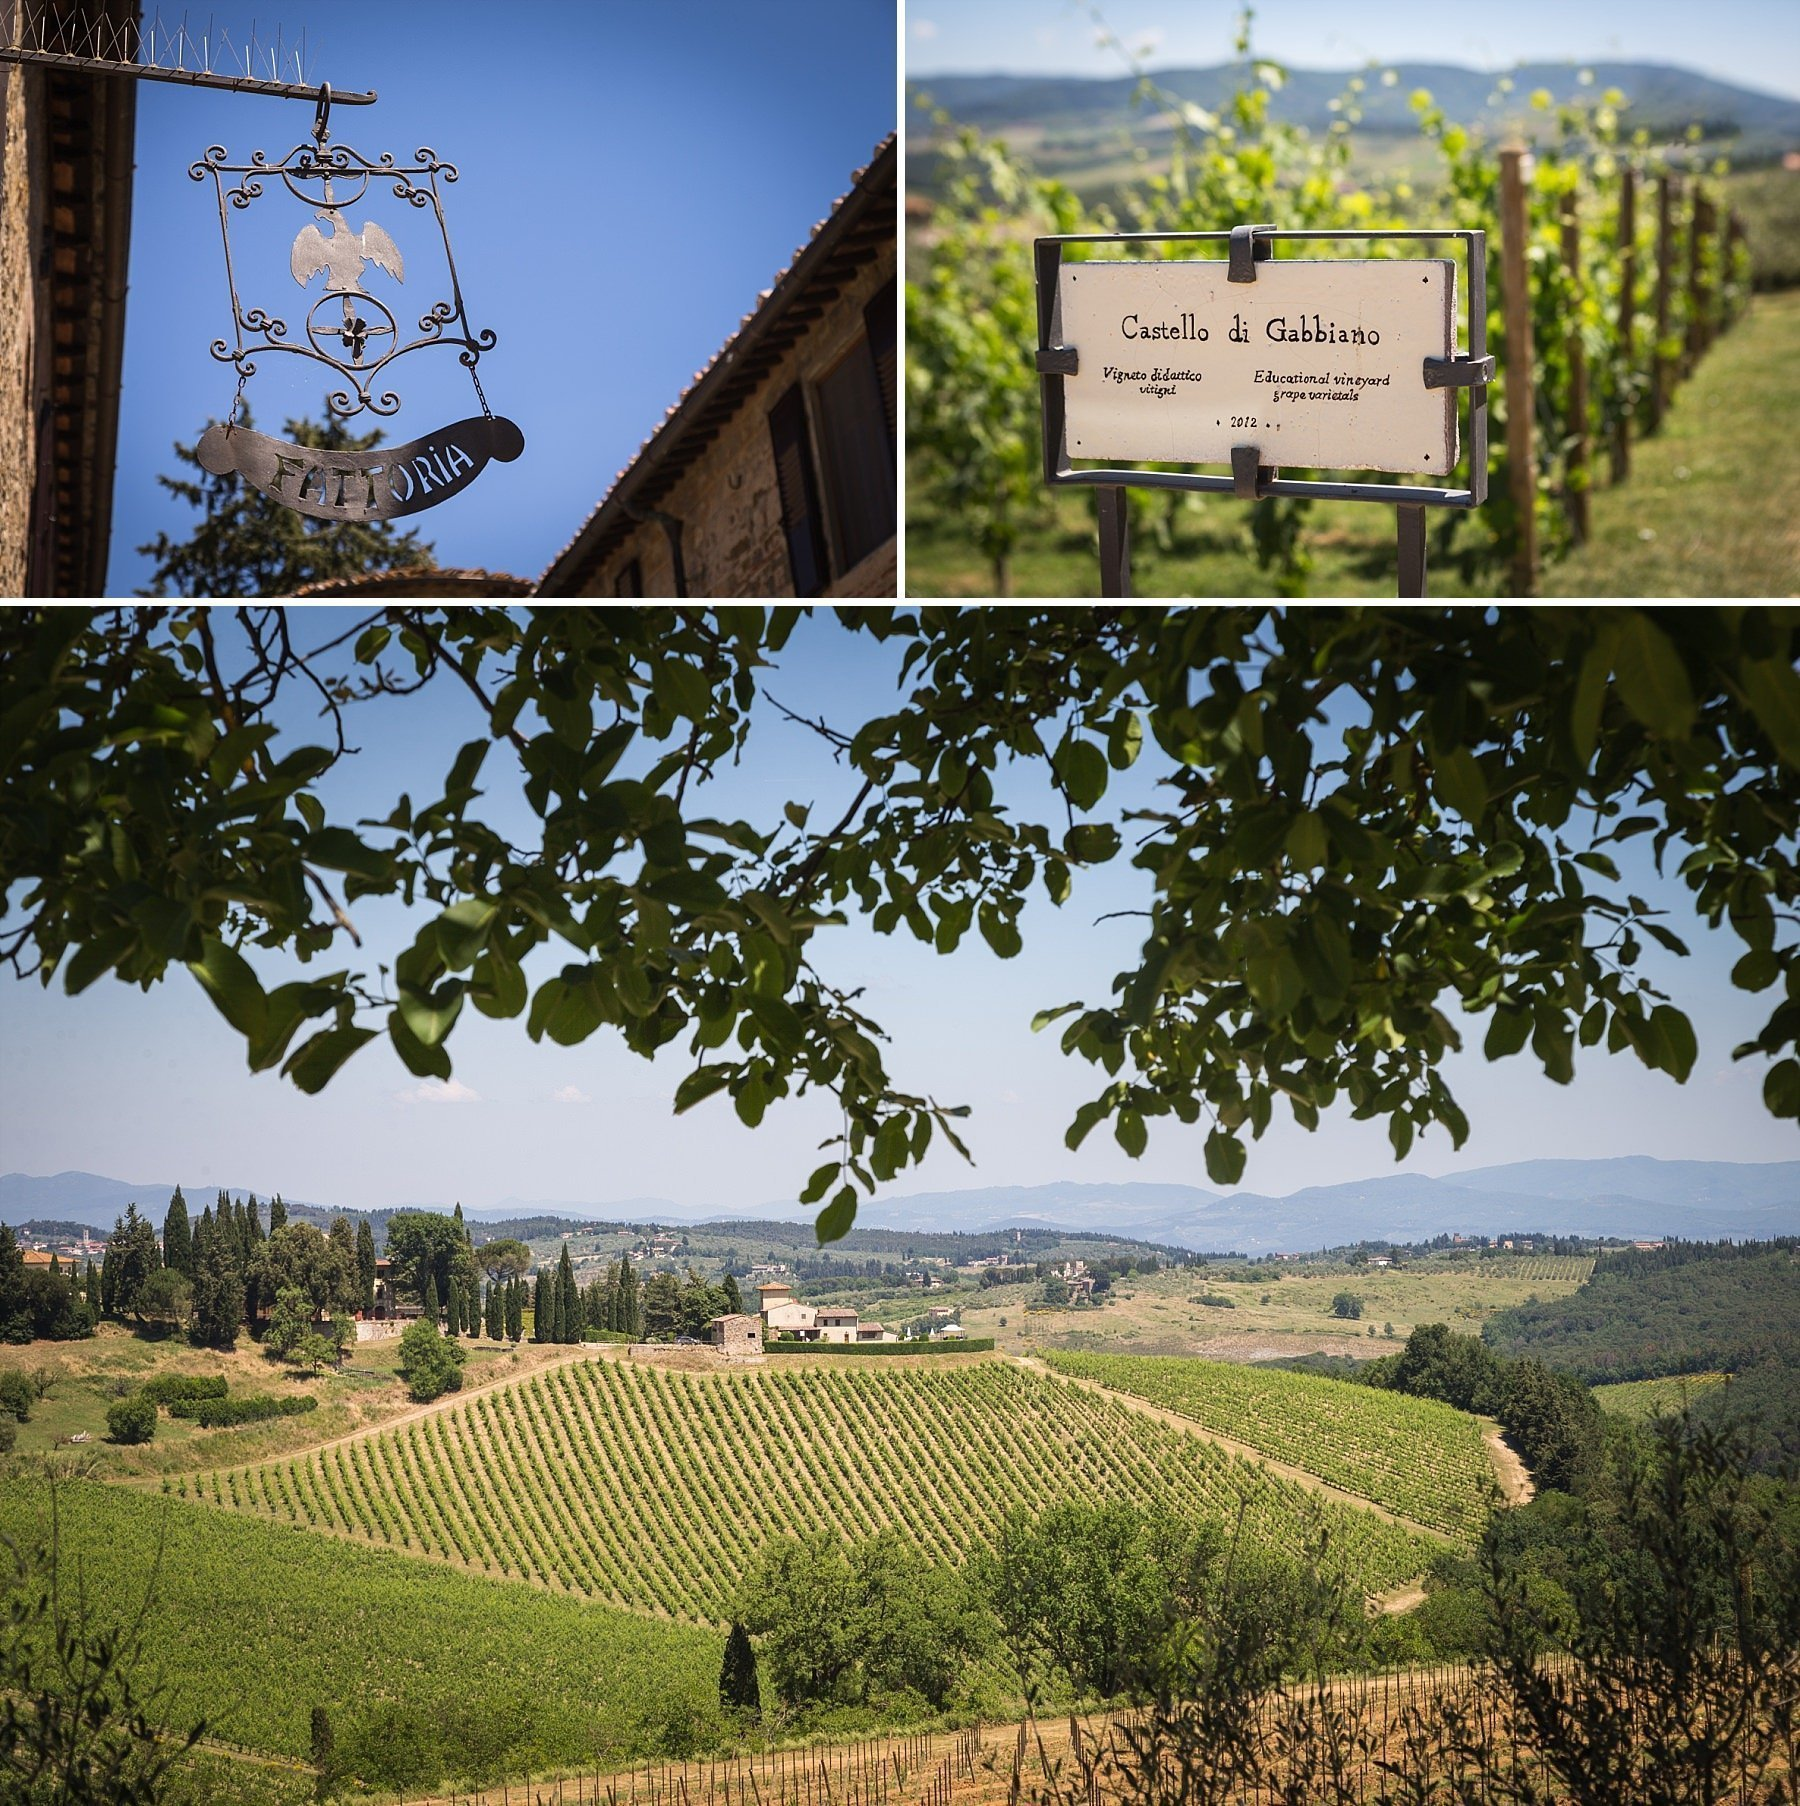 Castello di Gabbiano in Toscana